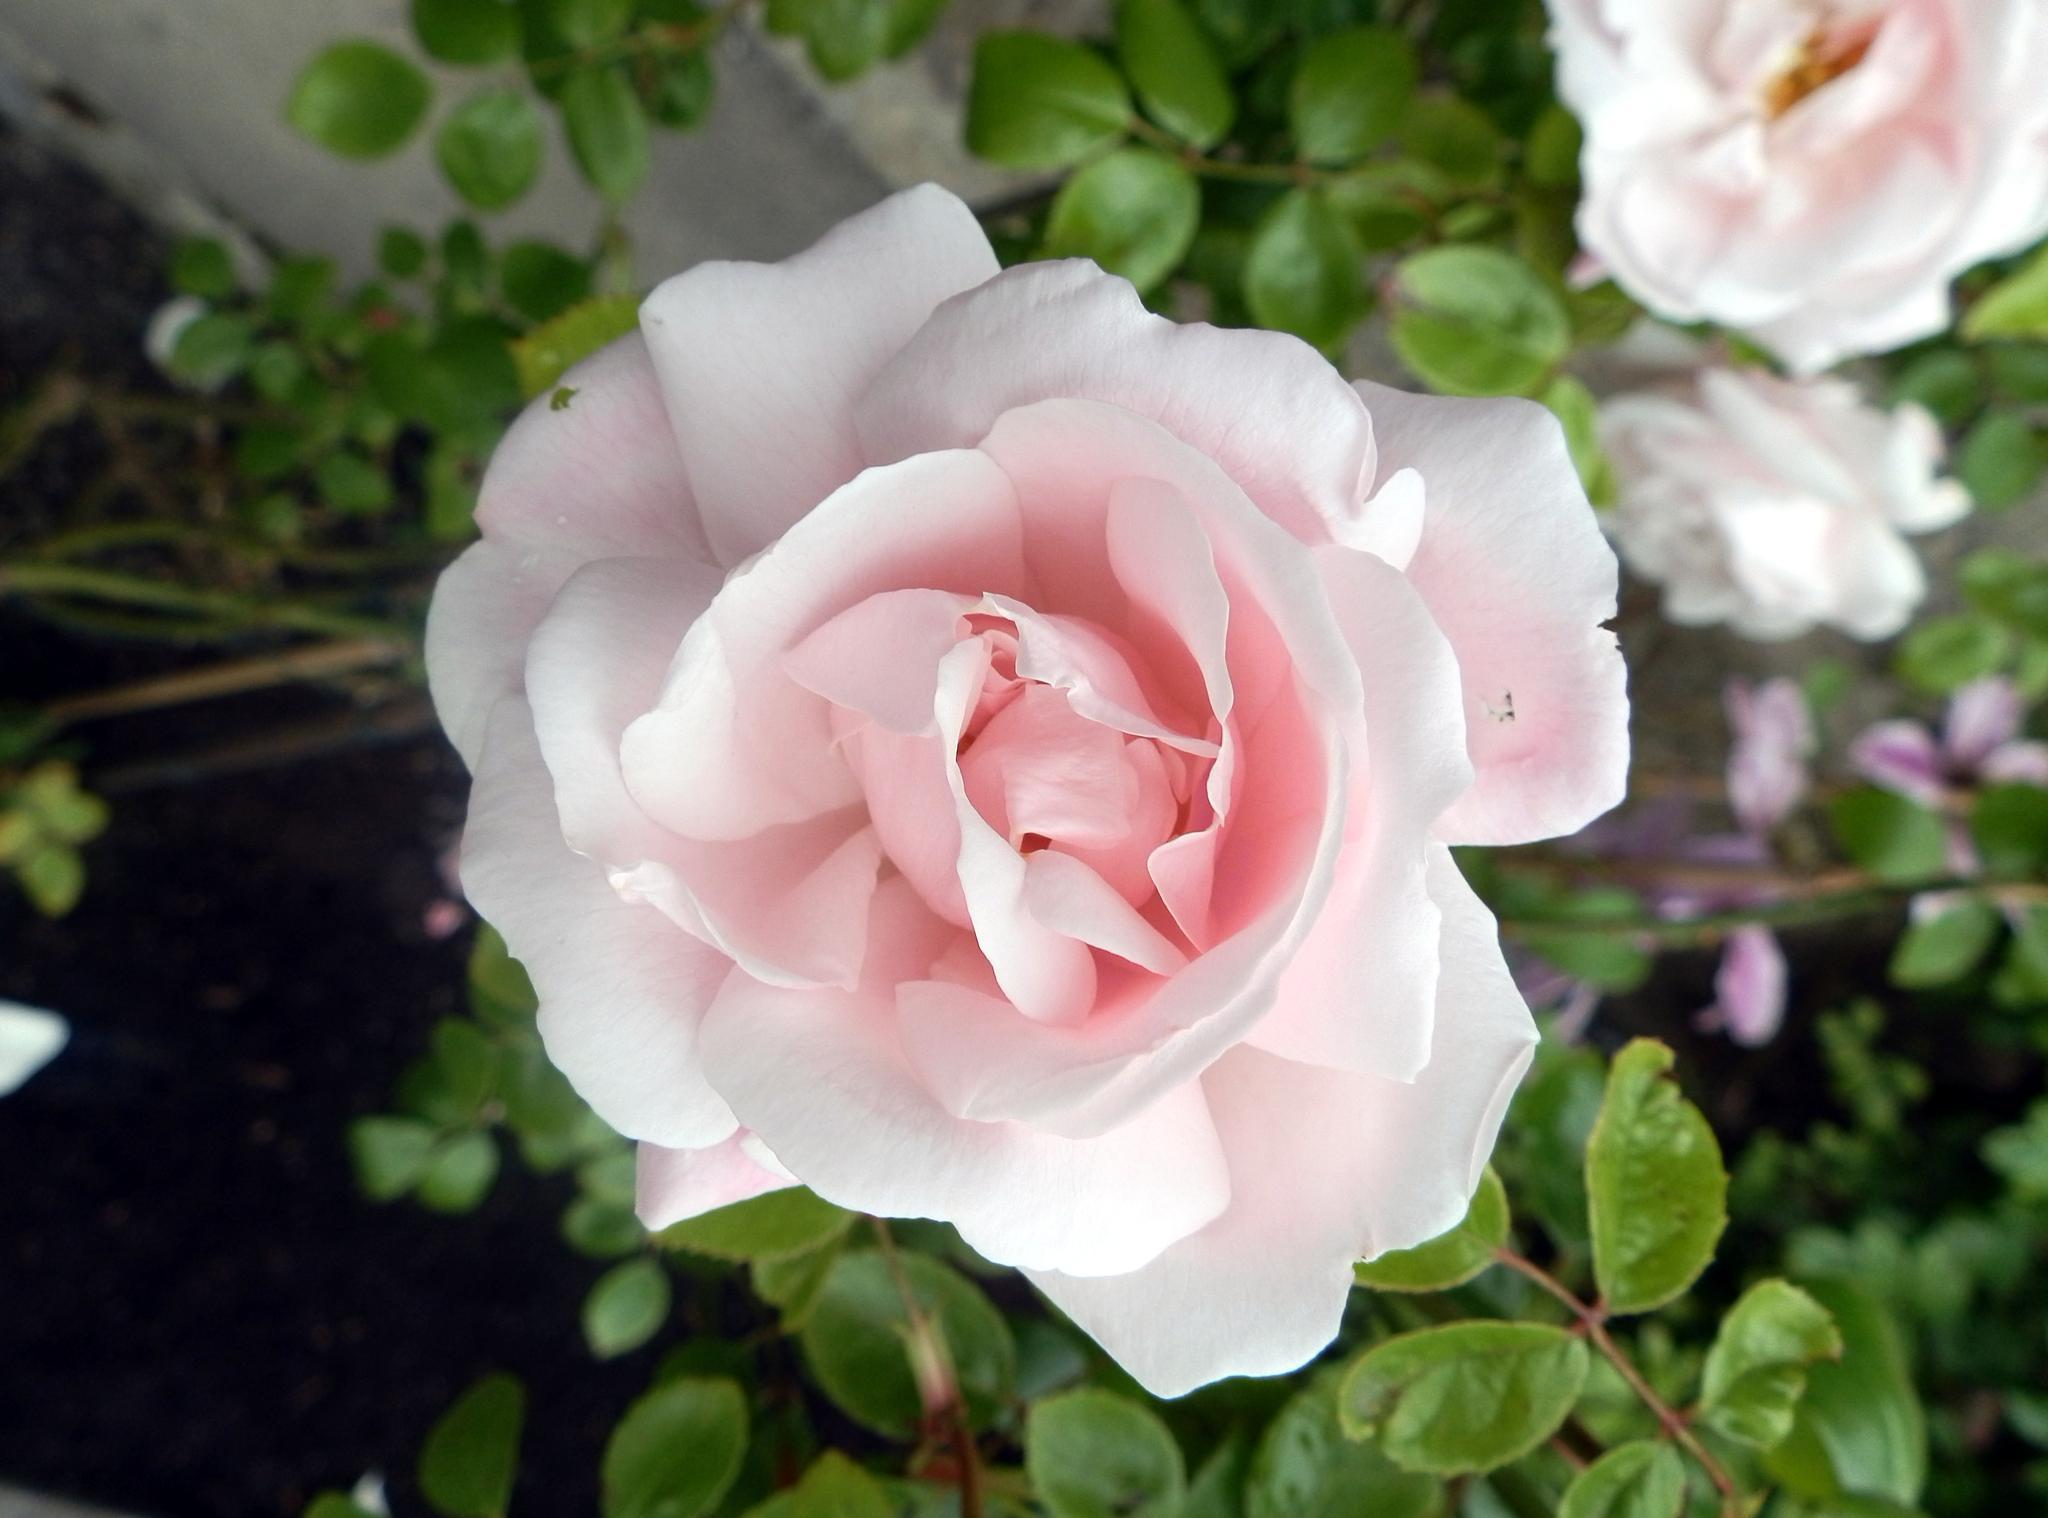 sweet sweet rose by jsauve